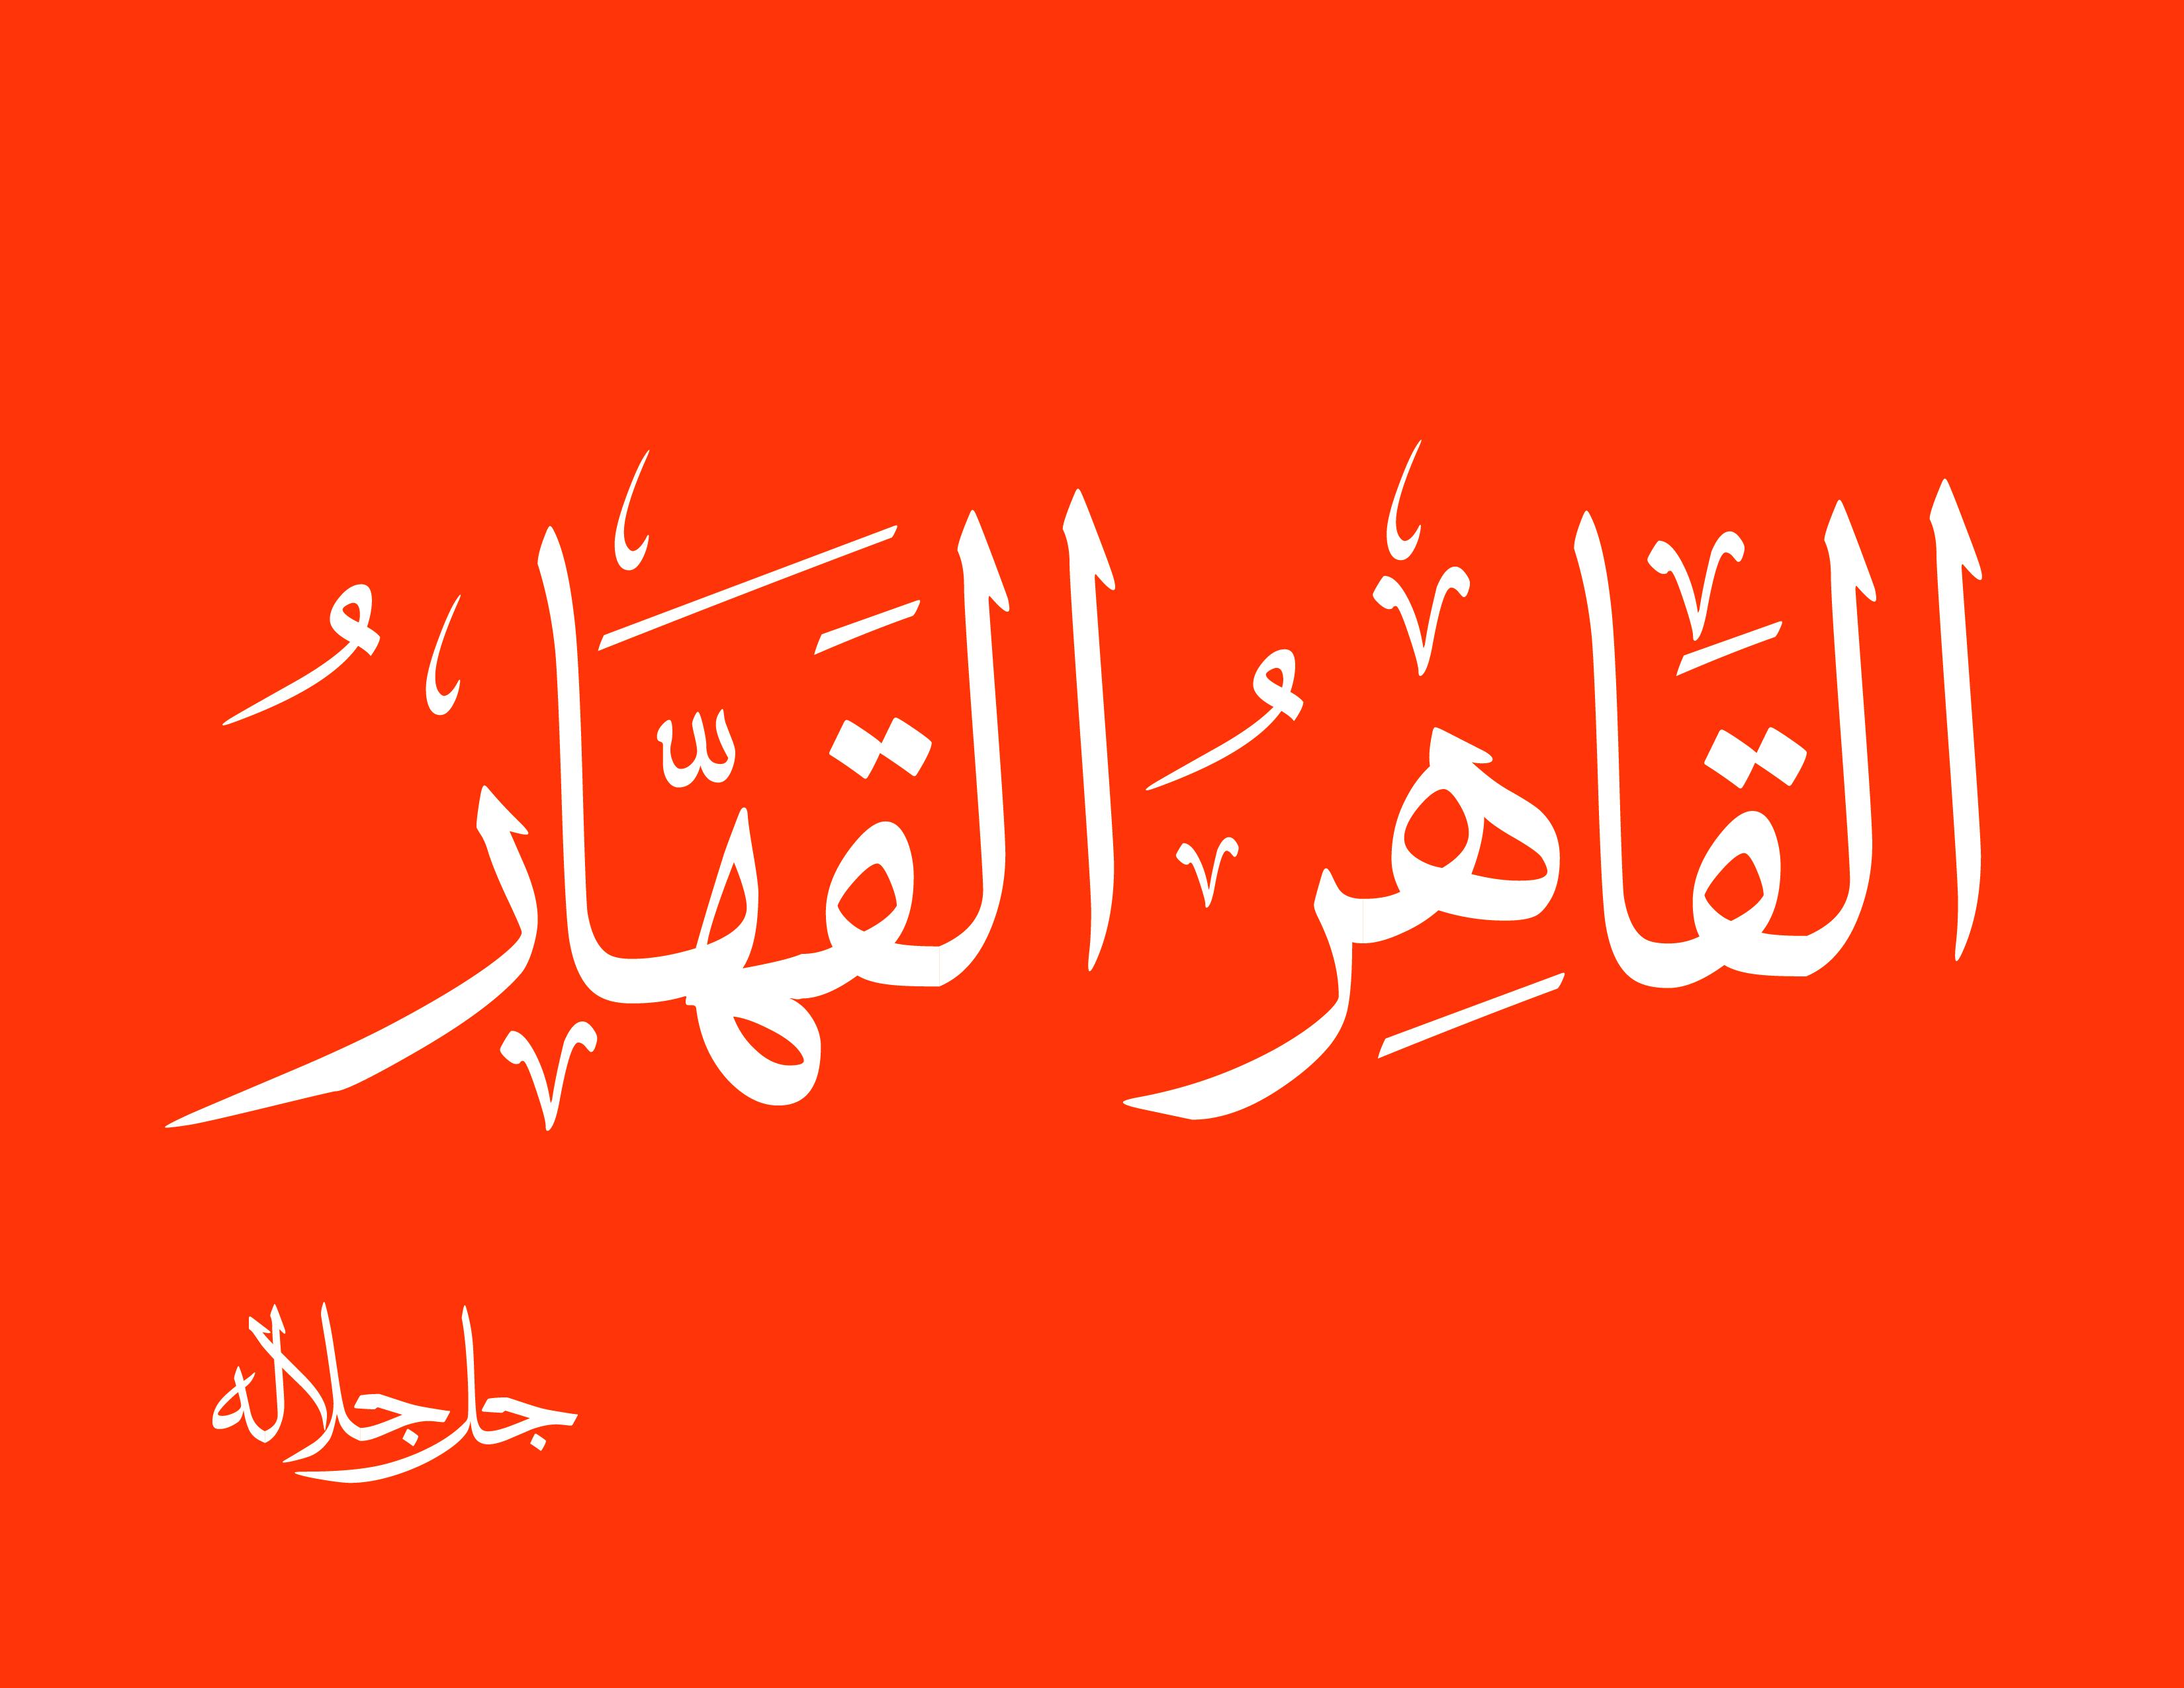 تابع شرح أسماء الله الحسنى للأطفال الحق الواسع القاهر القهار Arabic Calligraphy Calligraphy